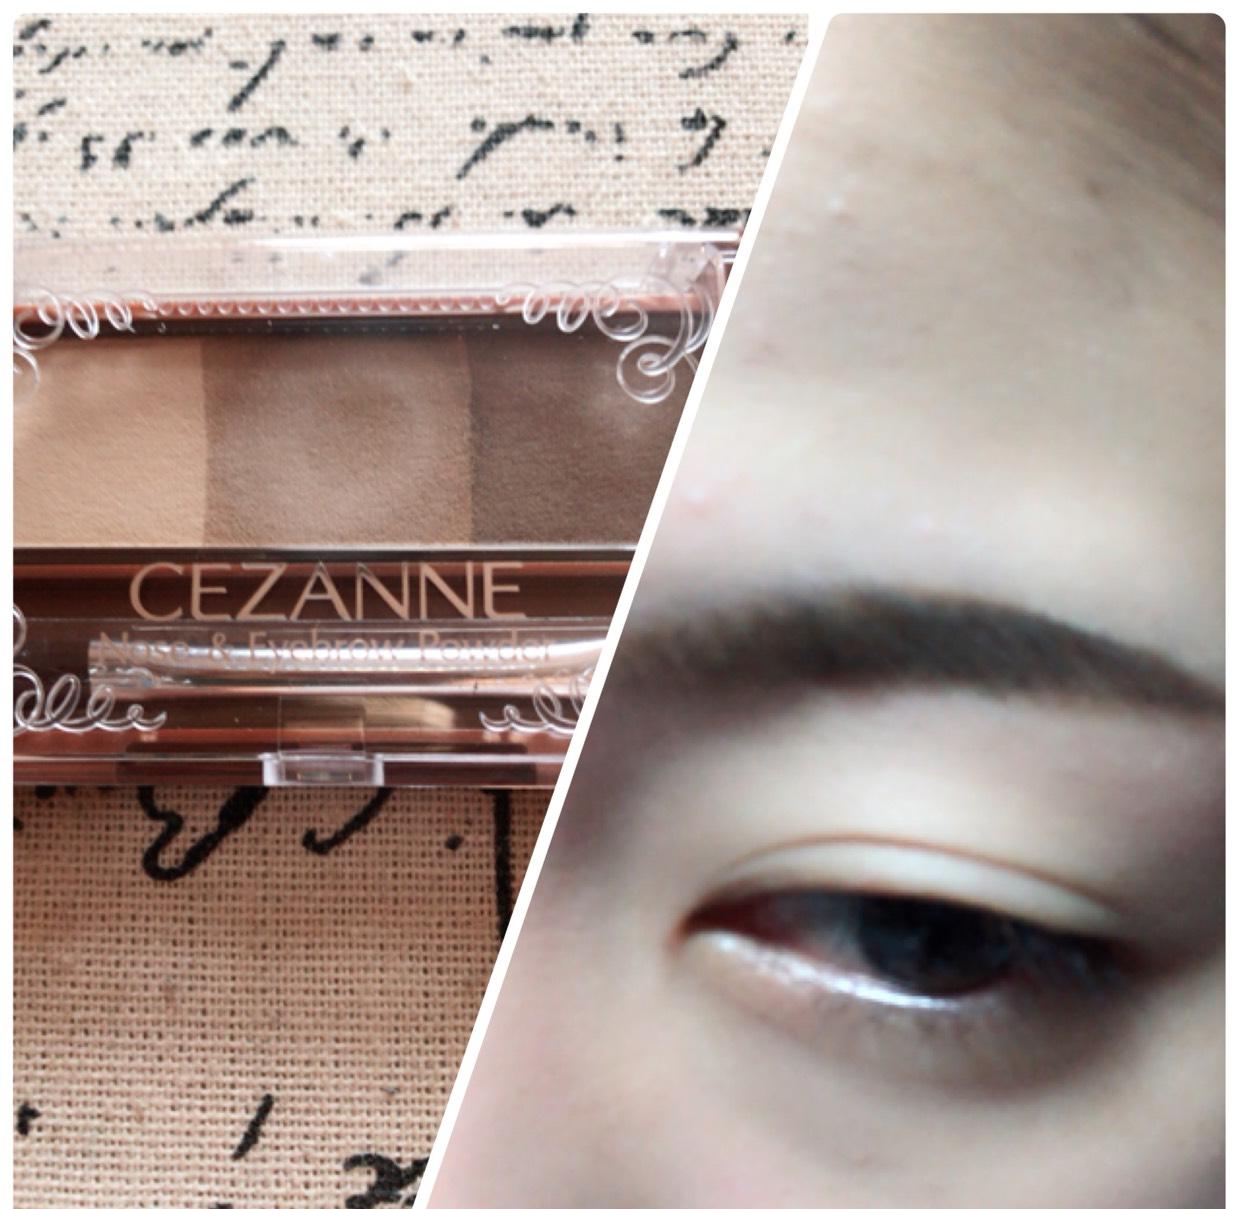 眉尻を濃く、眉頭を薄くなるように眉毛を書きます。 眉尻は先に眉毛の輪郭を濃い色で作ってからその内側を塗っていくと綺麗に仕上がる気がします。